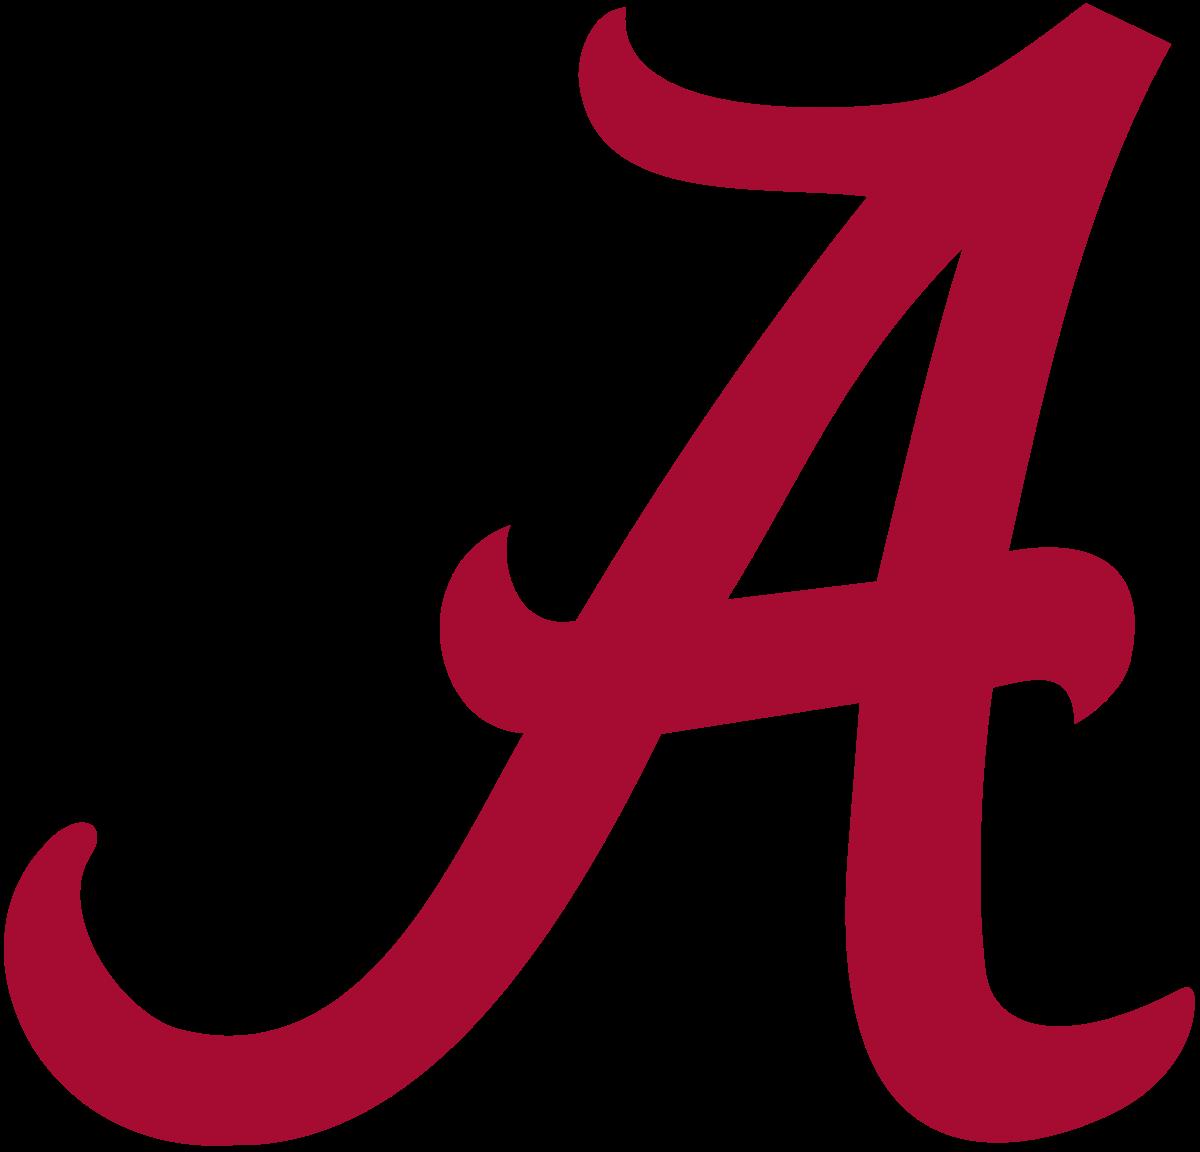 Alabama football clipart free clip art freeuse stock Alabama Crimson Tide football - Wikipedia clip art freeuse stock